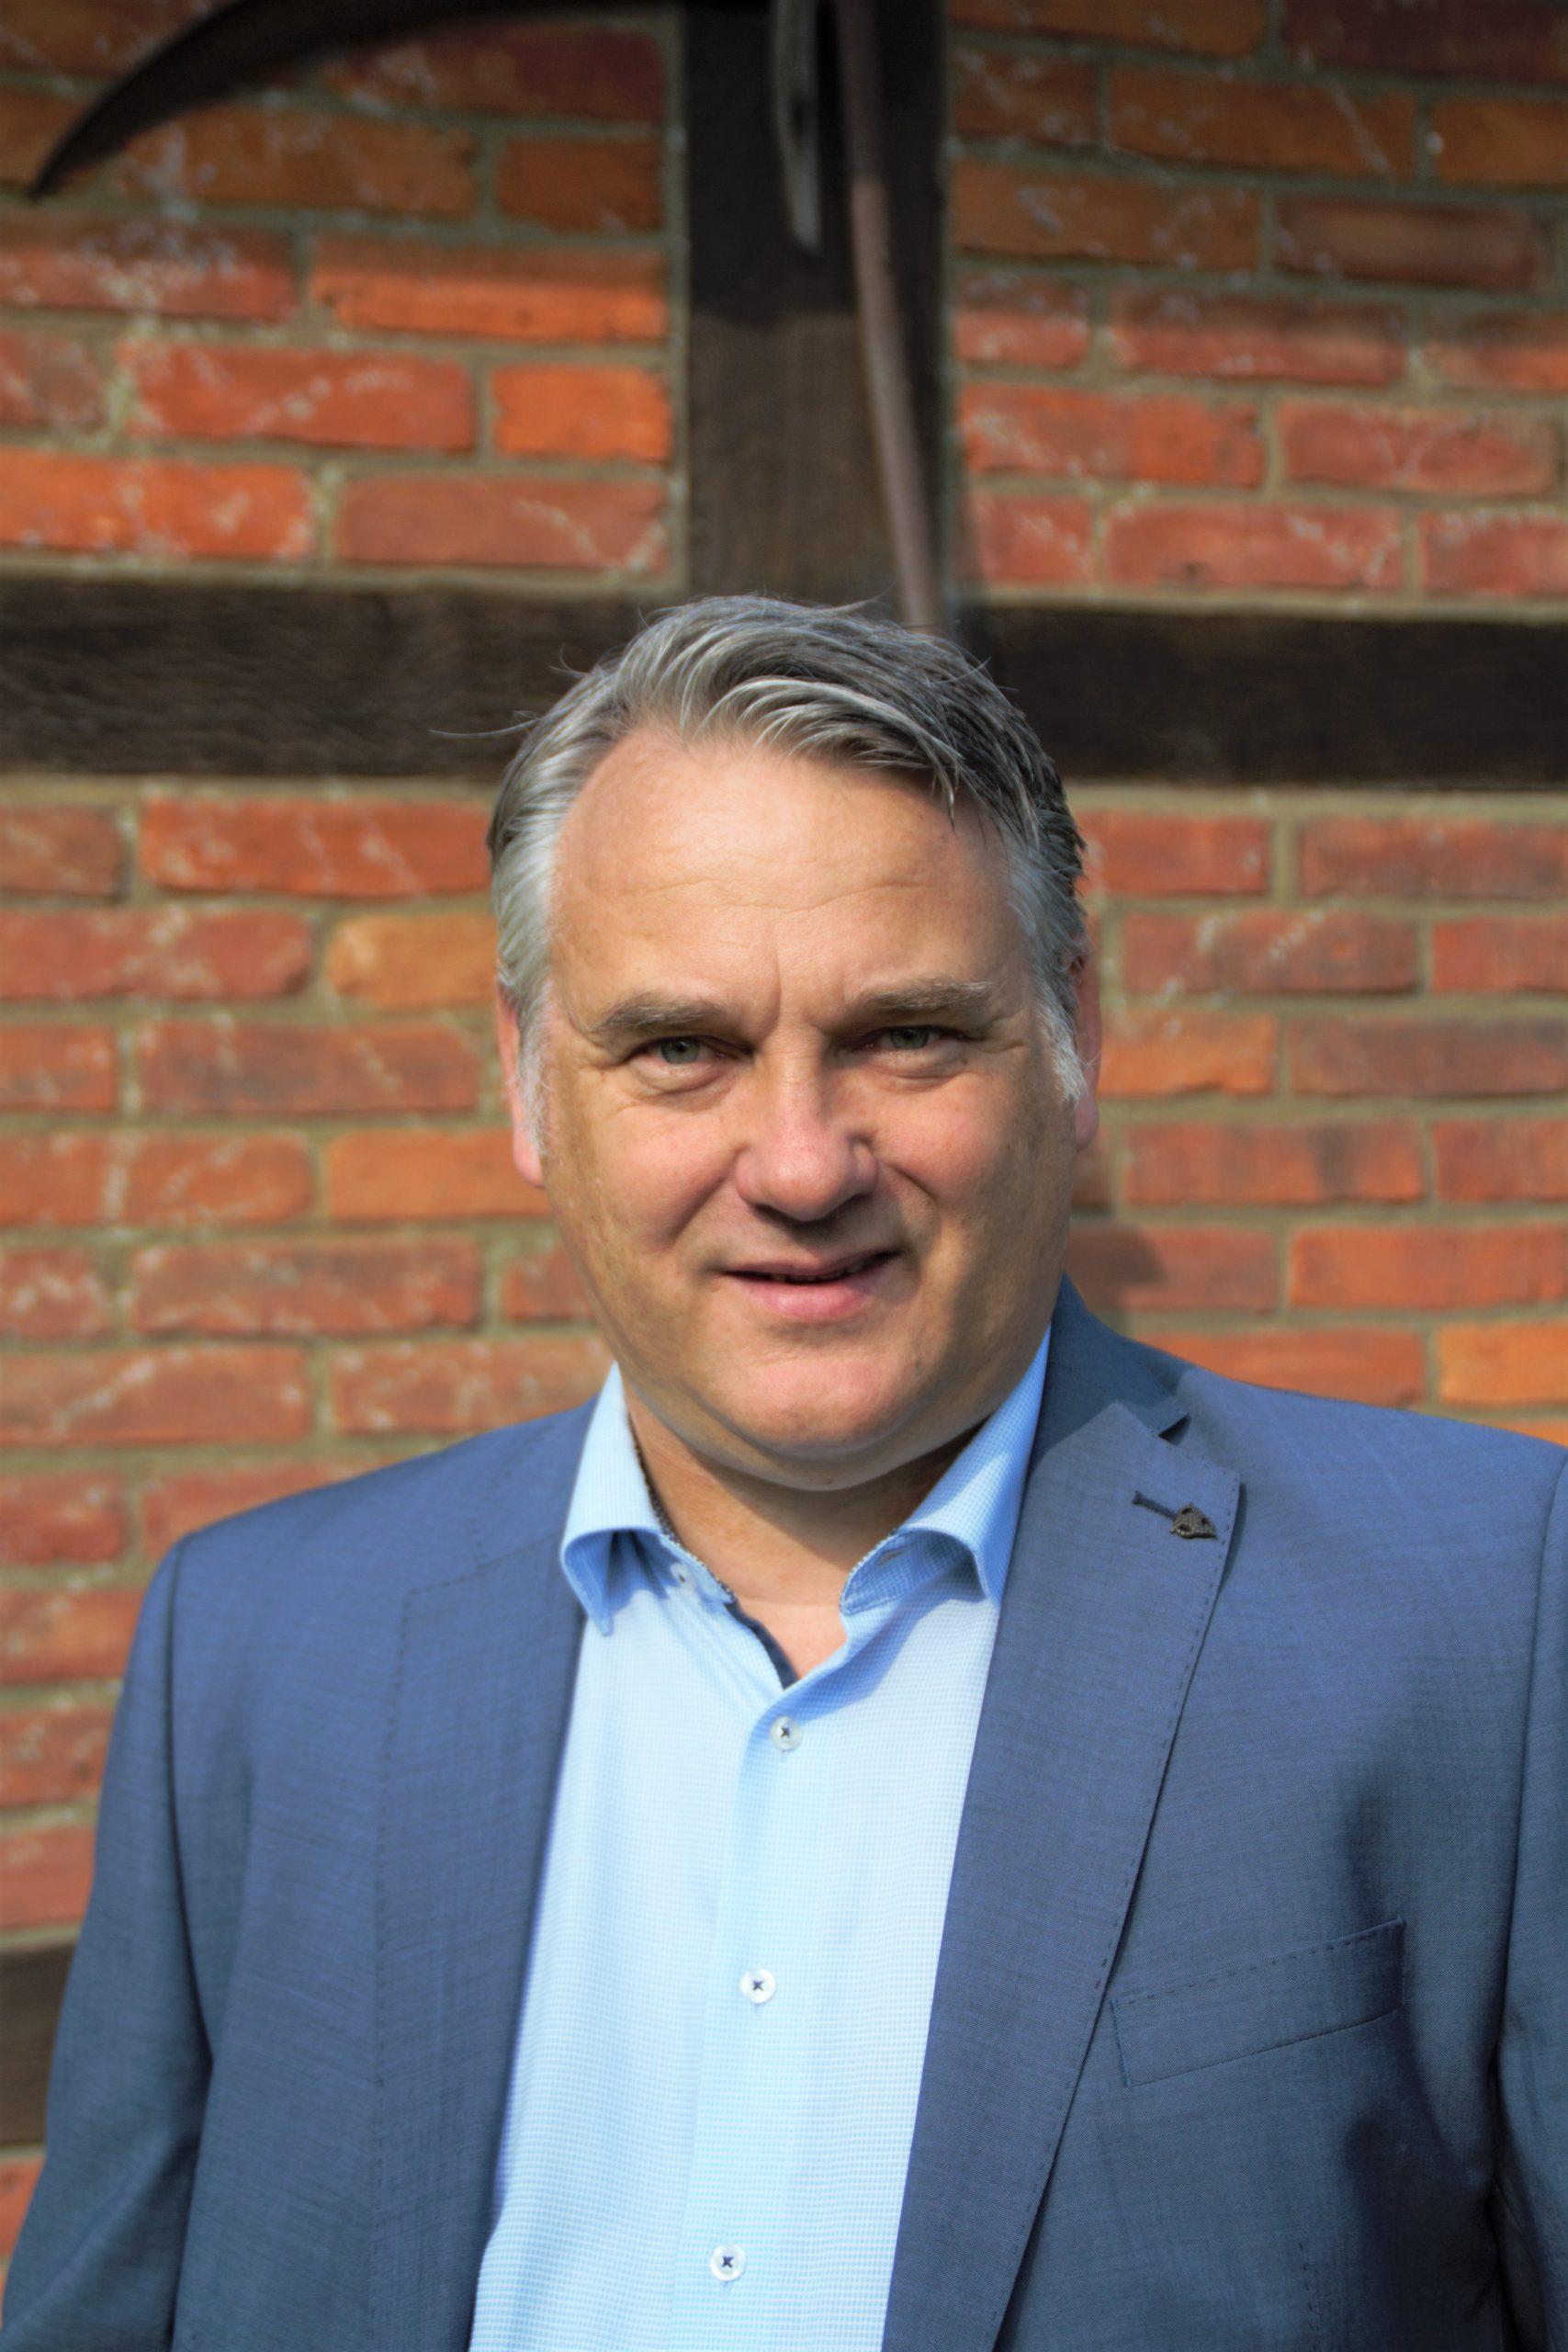 Lutz Kleineberg